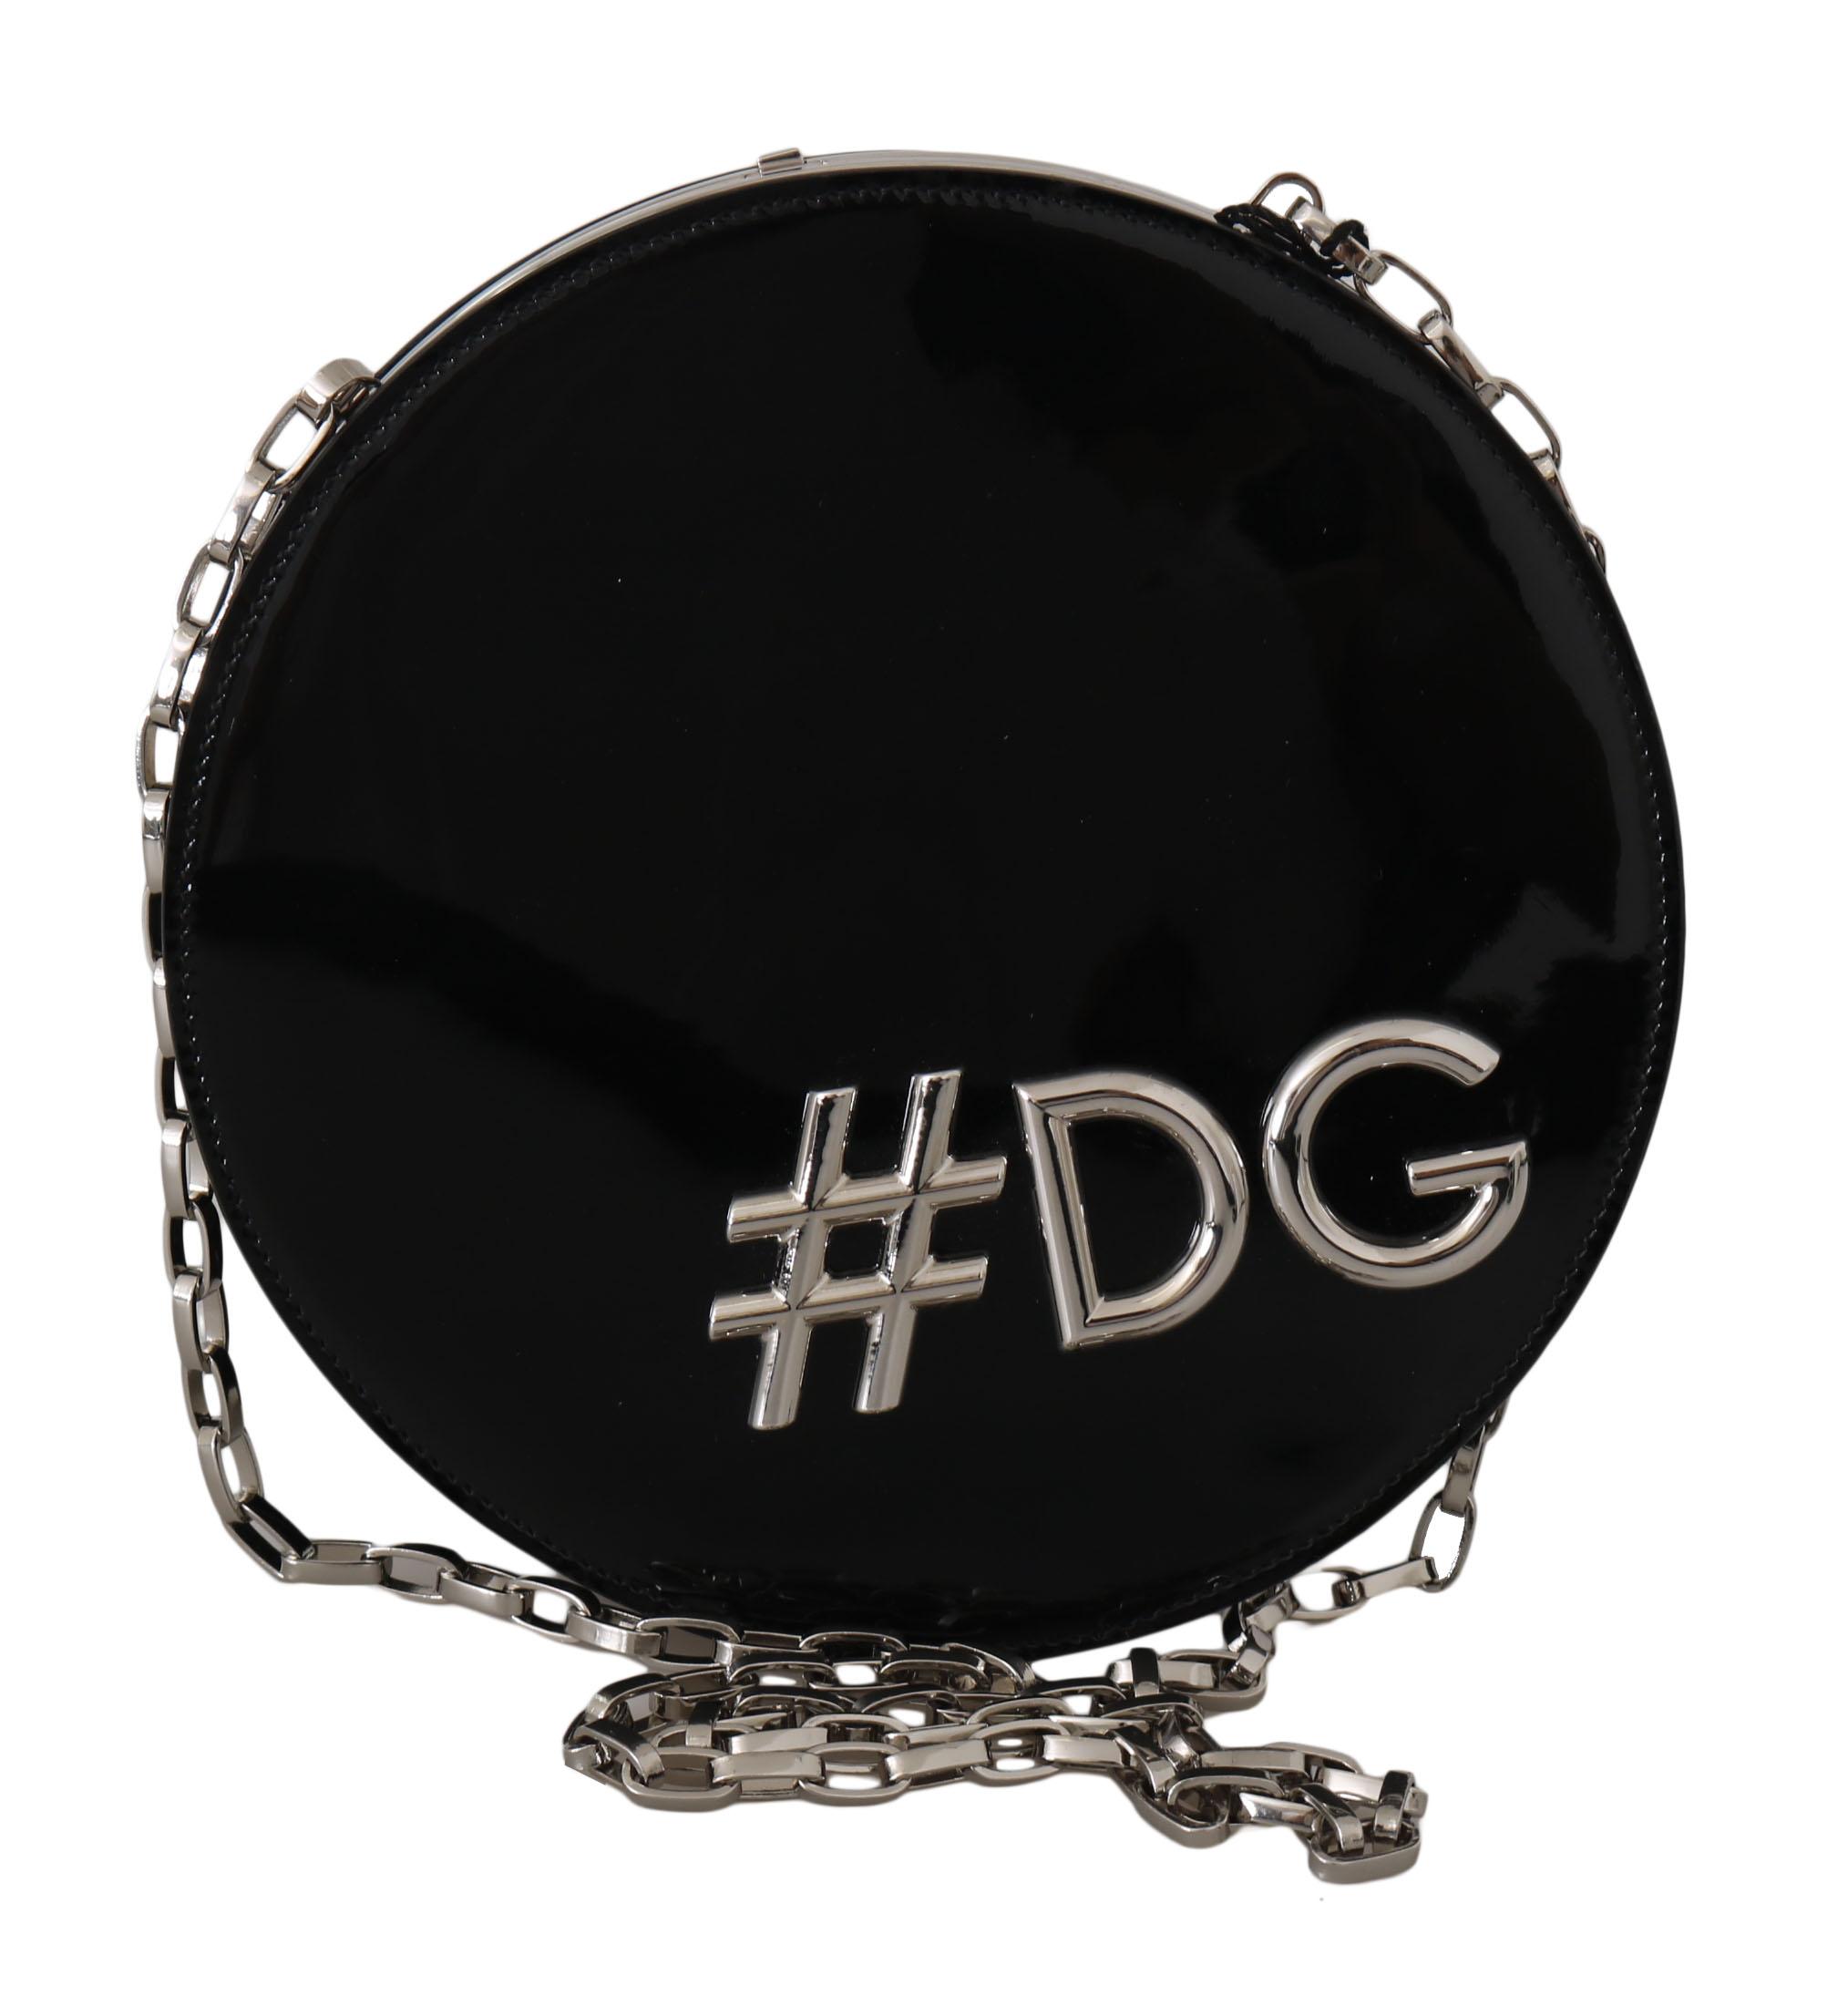 Black Leather Shoulder #DG GIRLS Clutch Purse